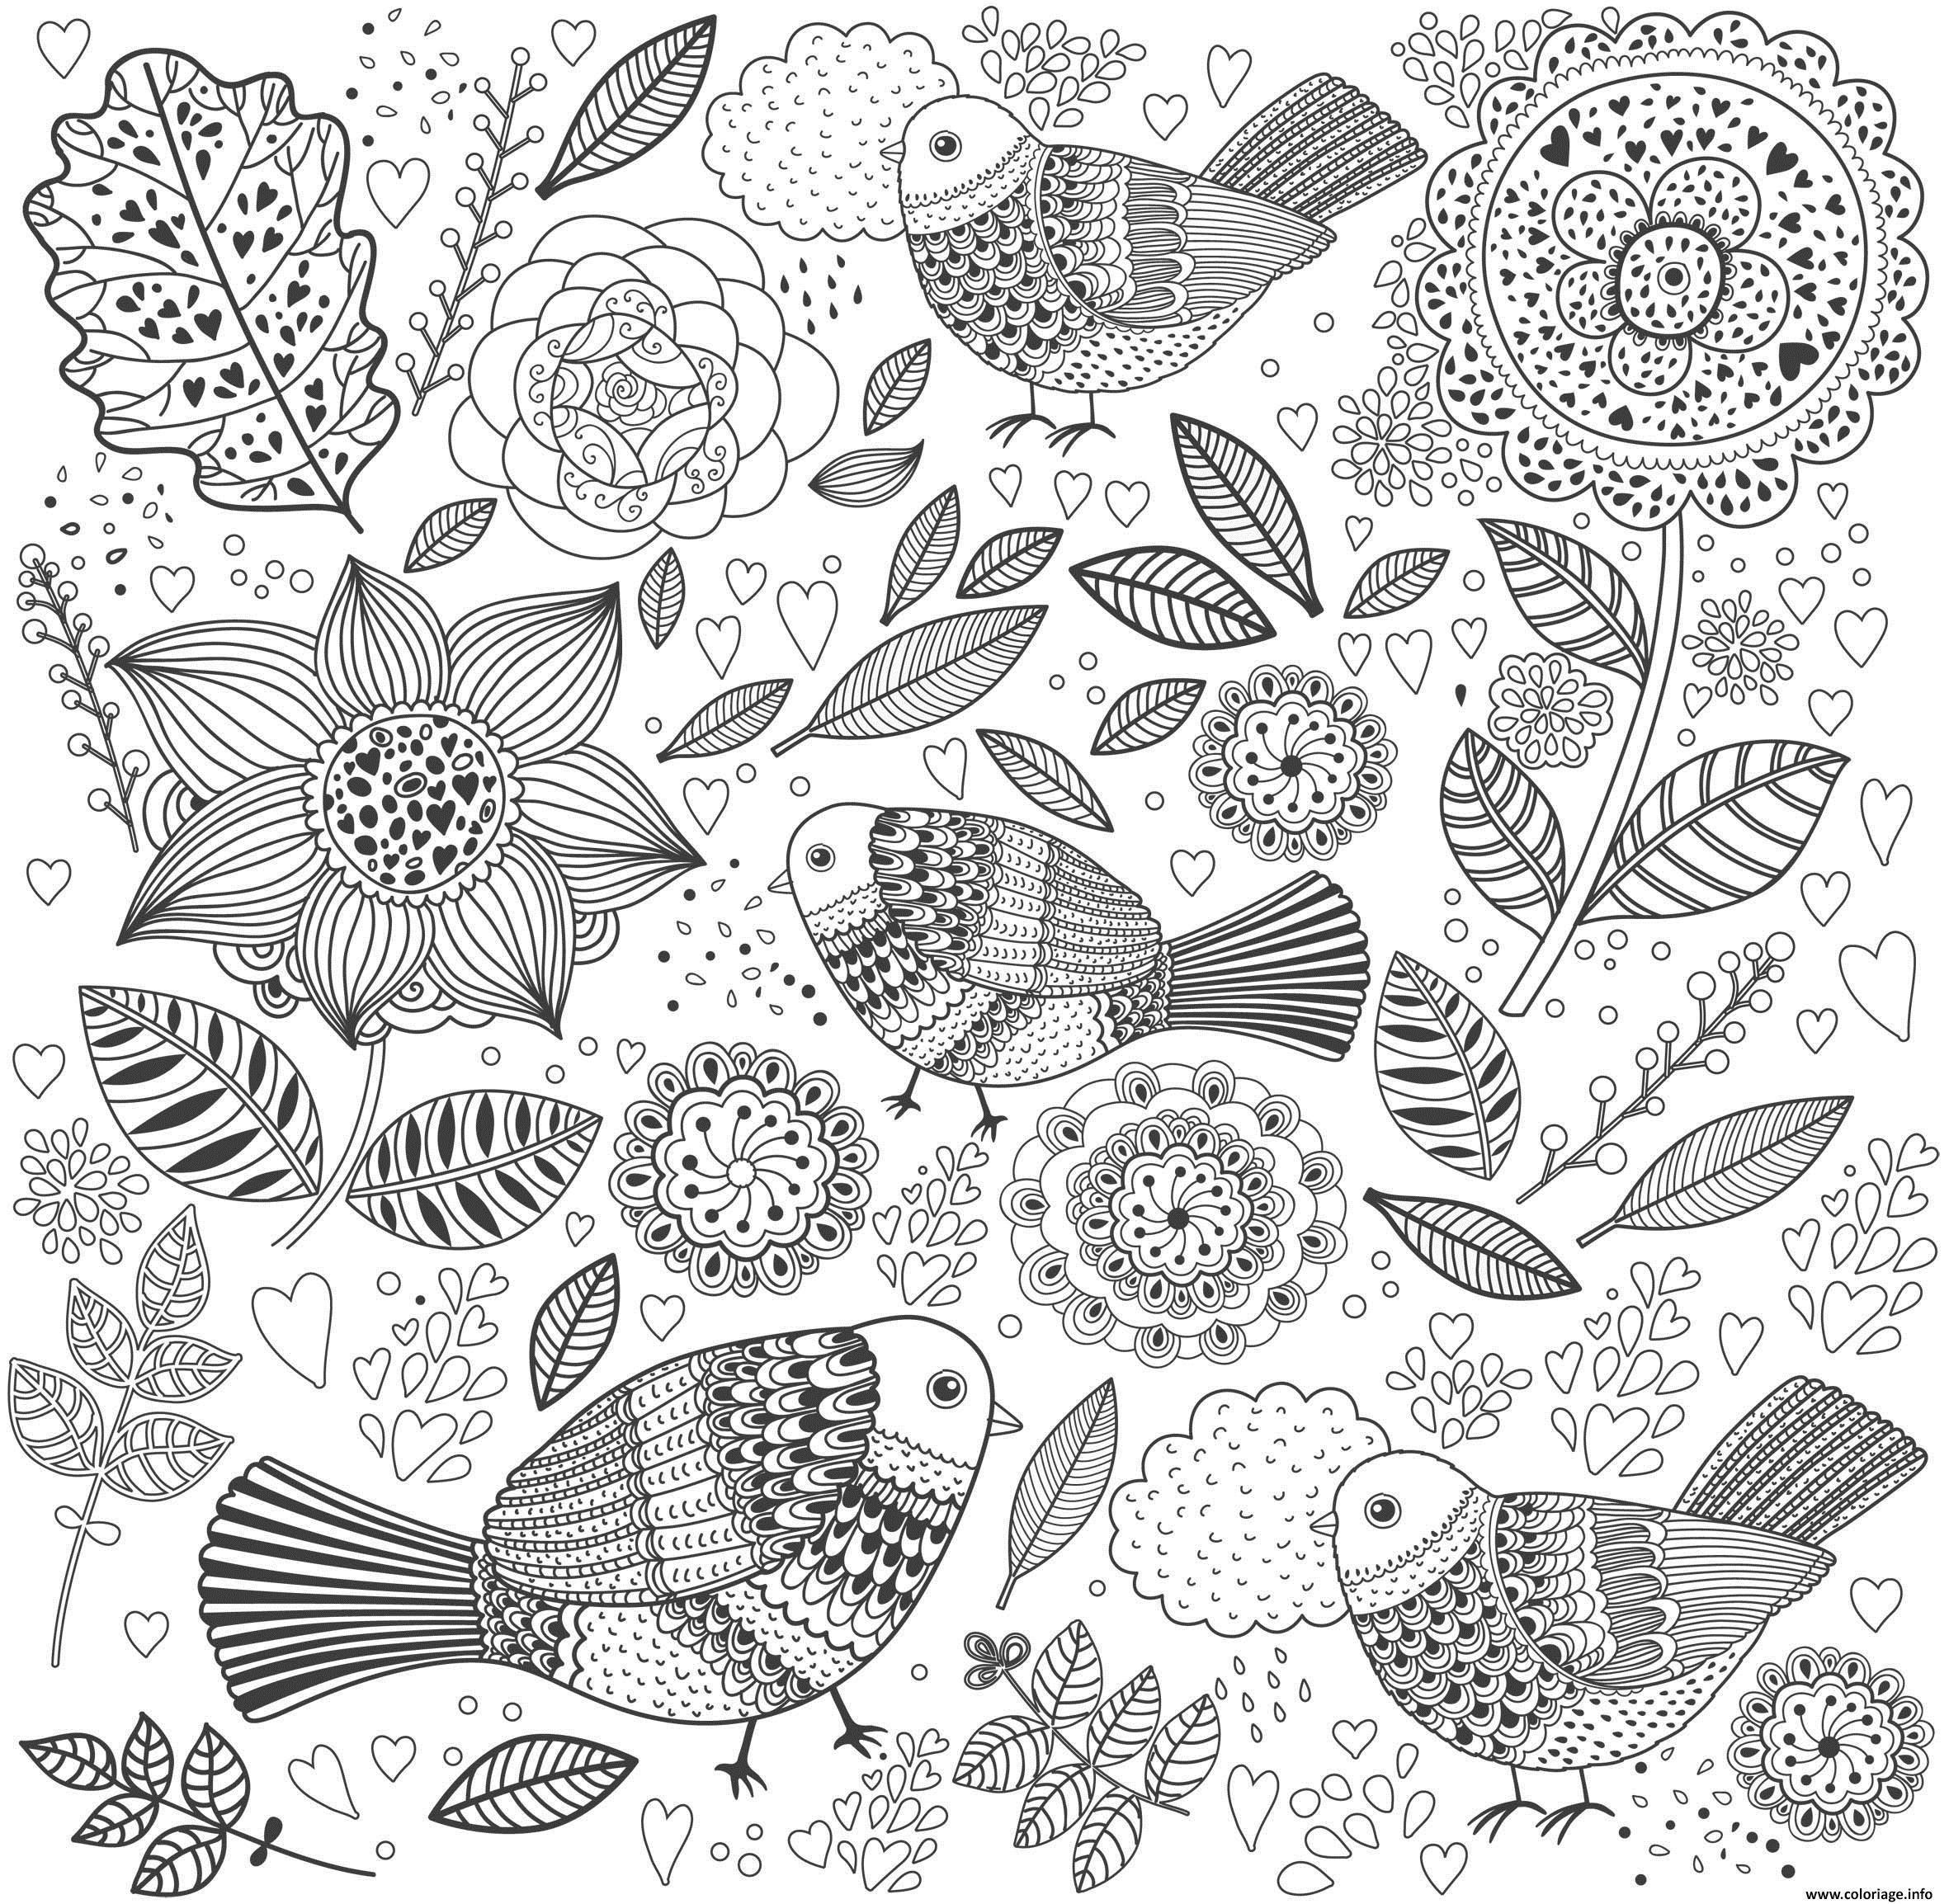 Coloriage Nature Adulte Paysage Oiseaux Fleurs Coeurs Dessin Nature A Imprimer